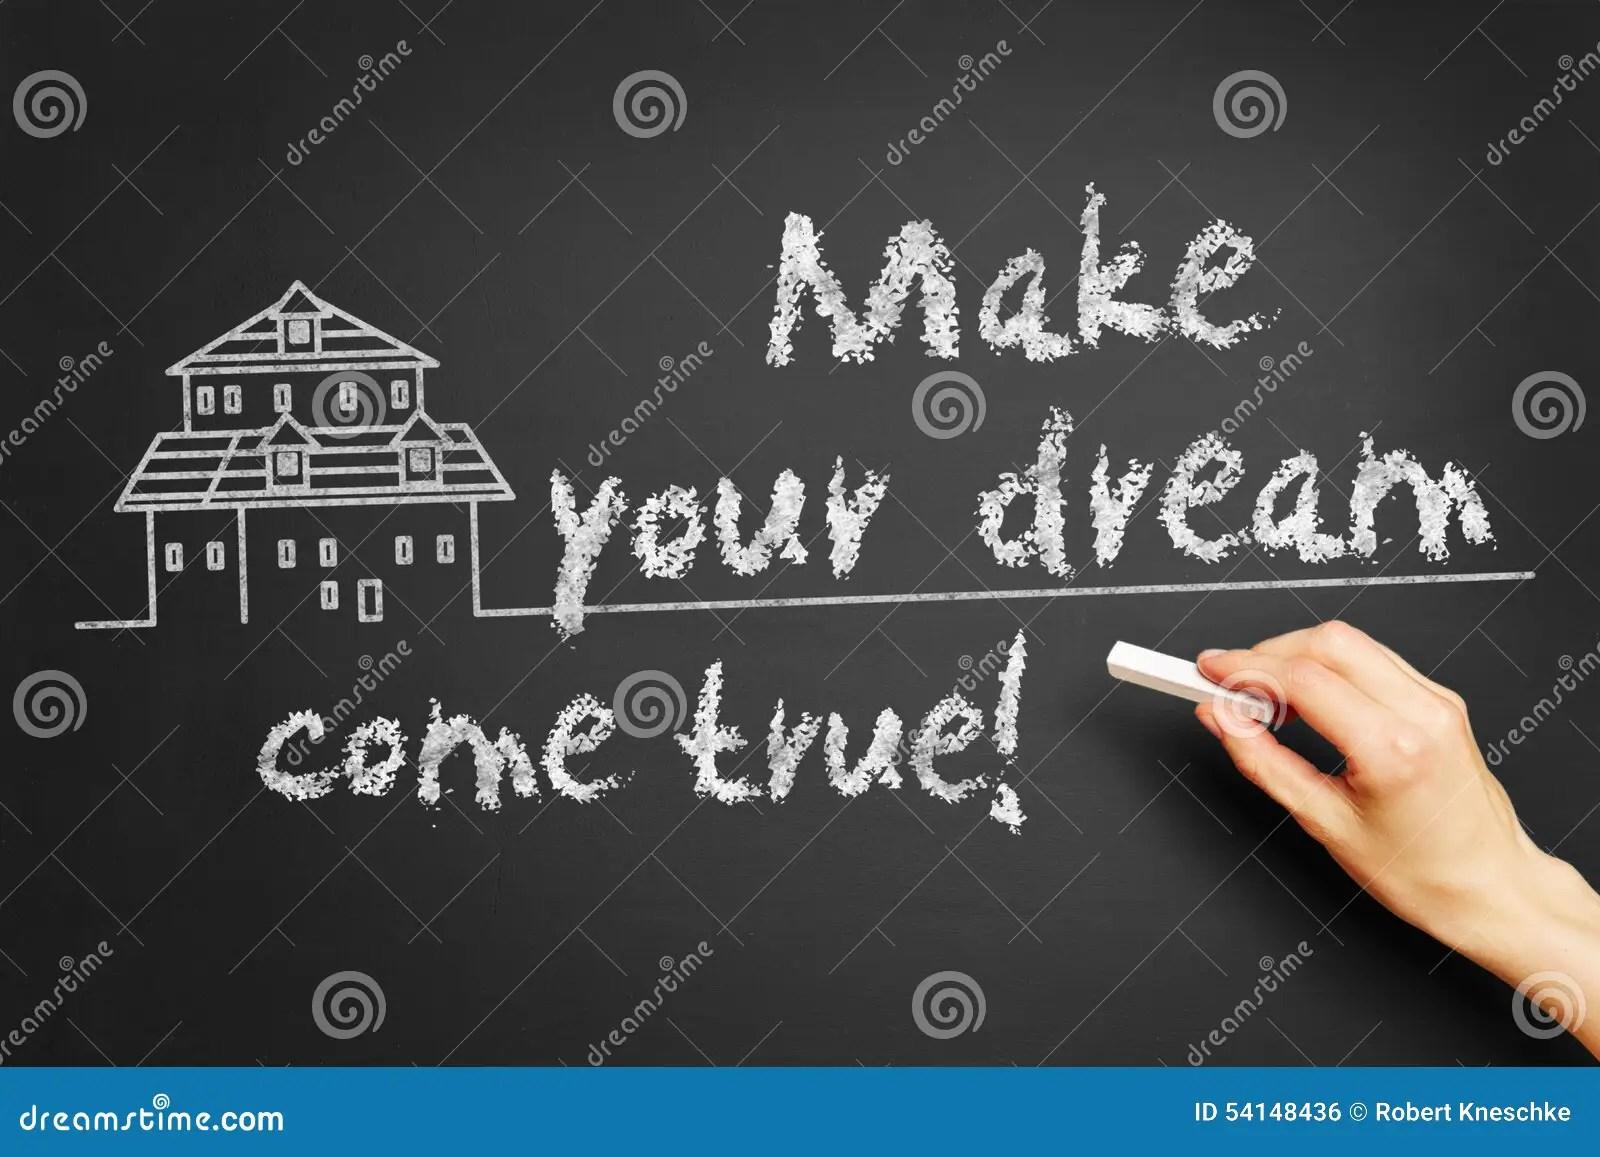 Make Your Dream Come True Stock Photo Image 54148436